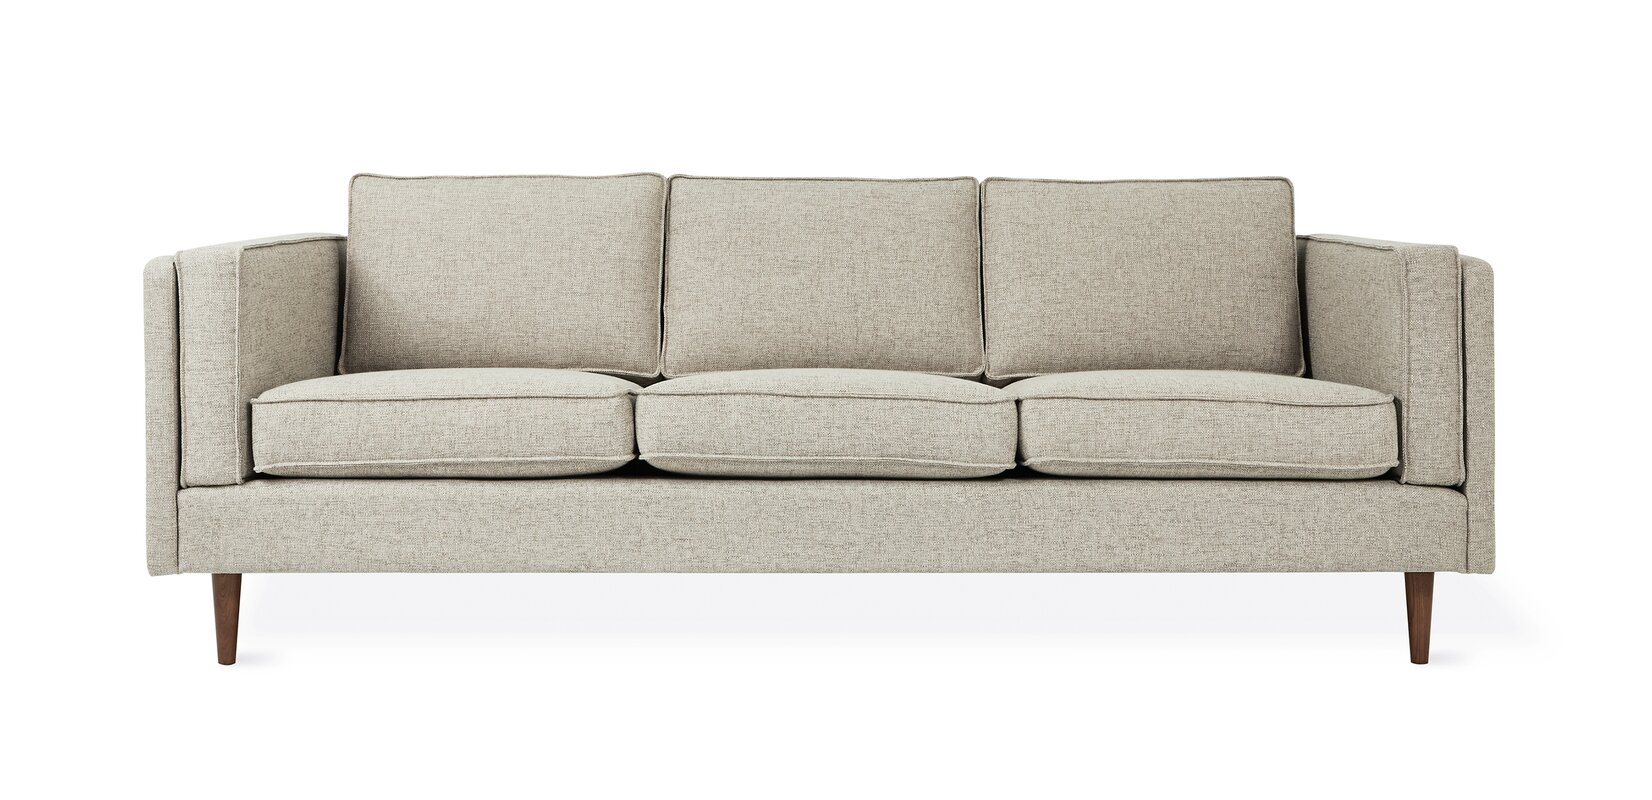 Sale alerts for  Adelaide Sofa - Covvet